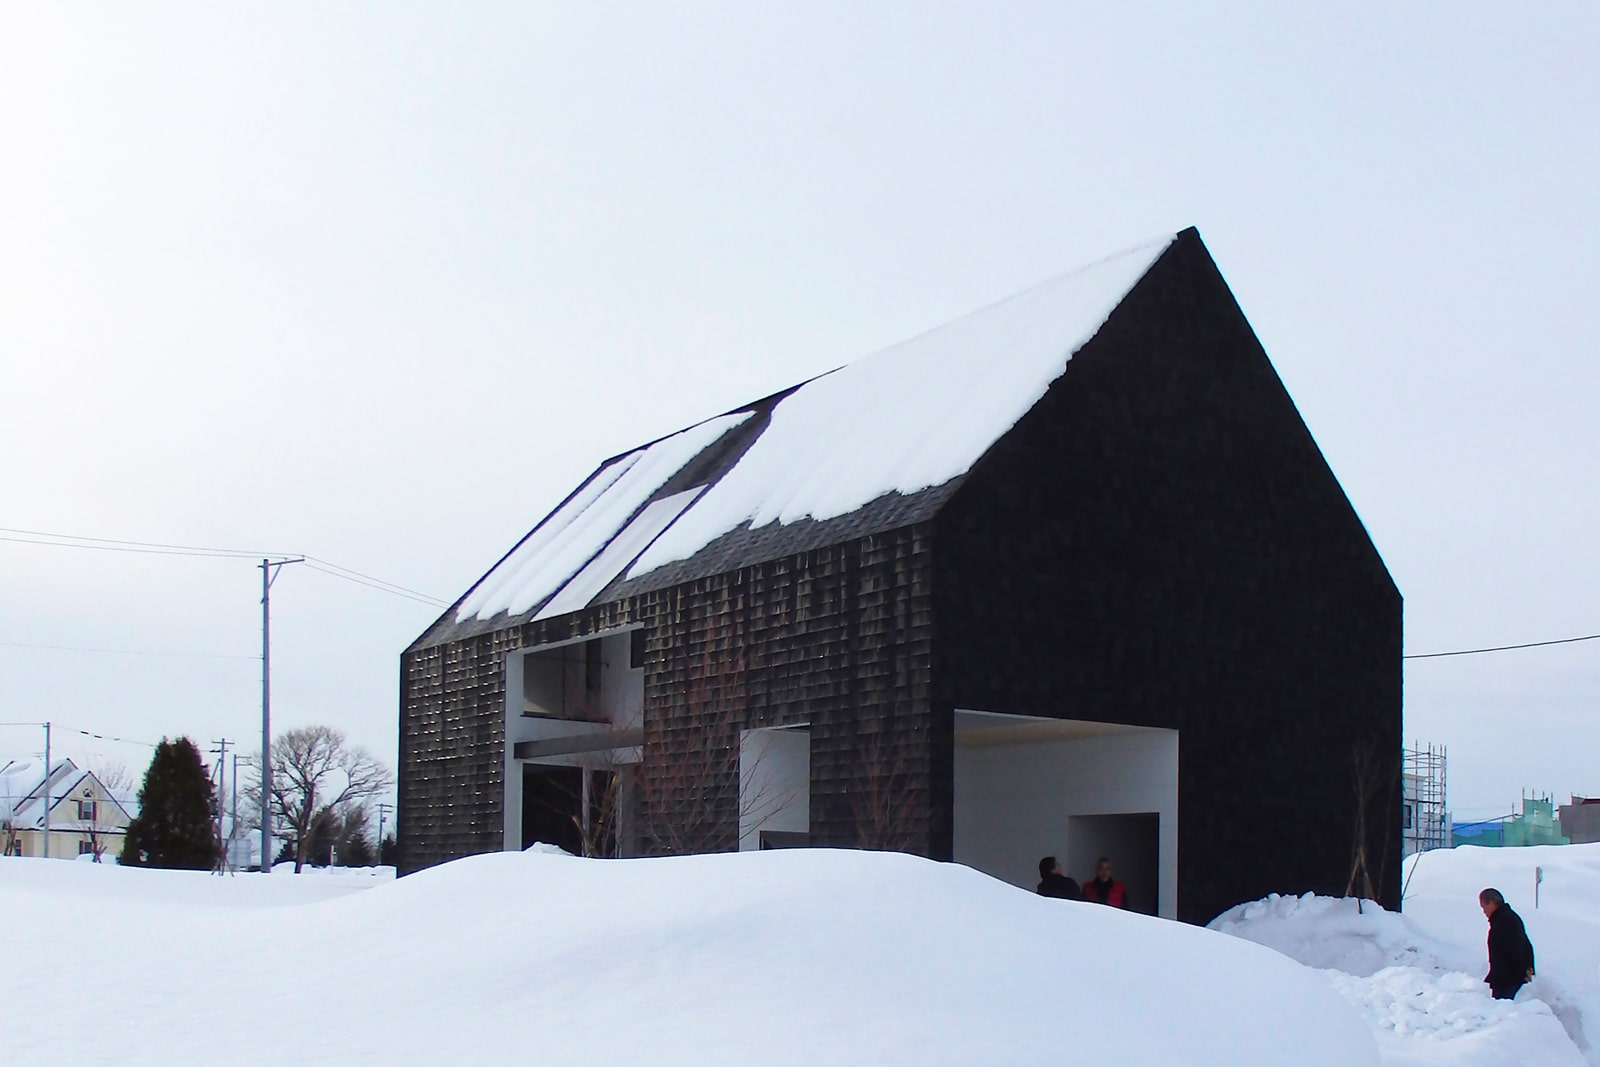 アクト工房×ATELIER O2「Inside-Out」<br /> アウトドアを身近に感じられる家。夏場は半屋外のテラスでグランピング気分が味わえる